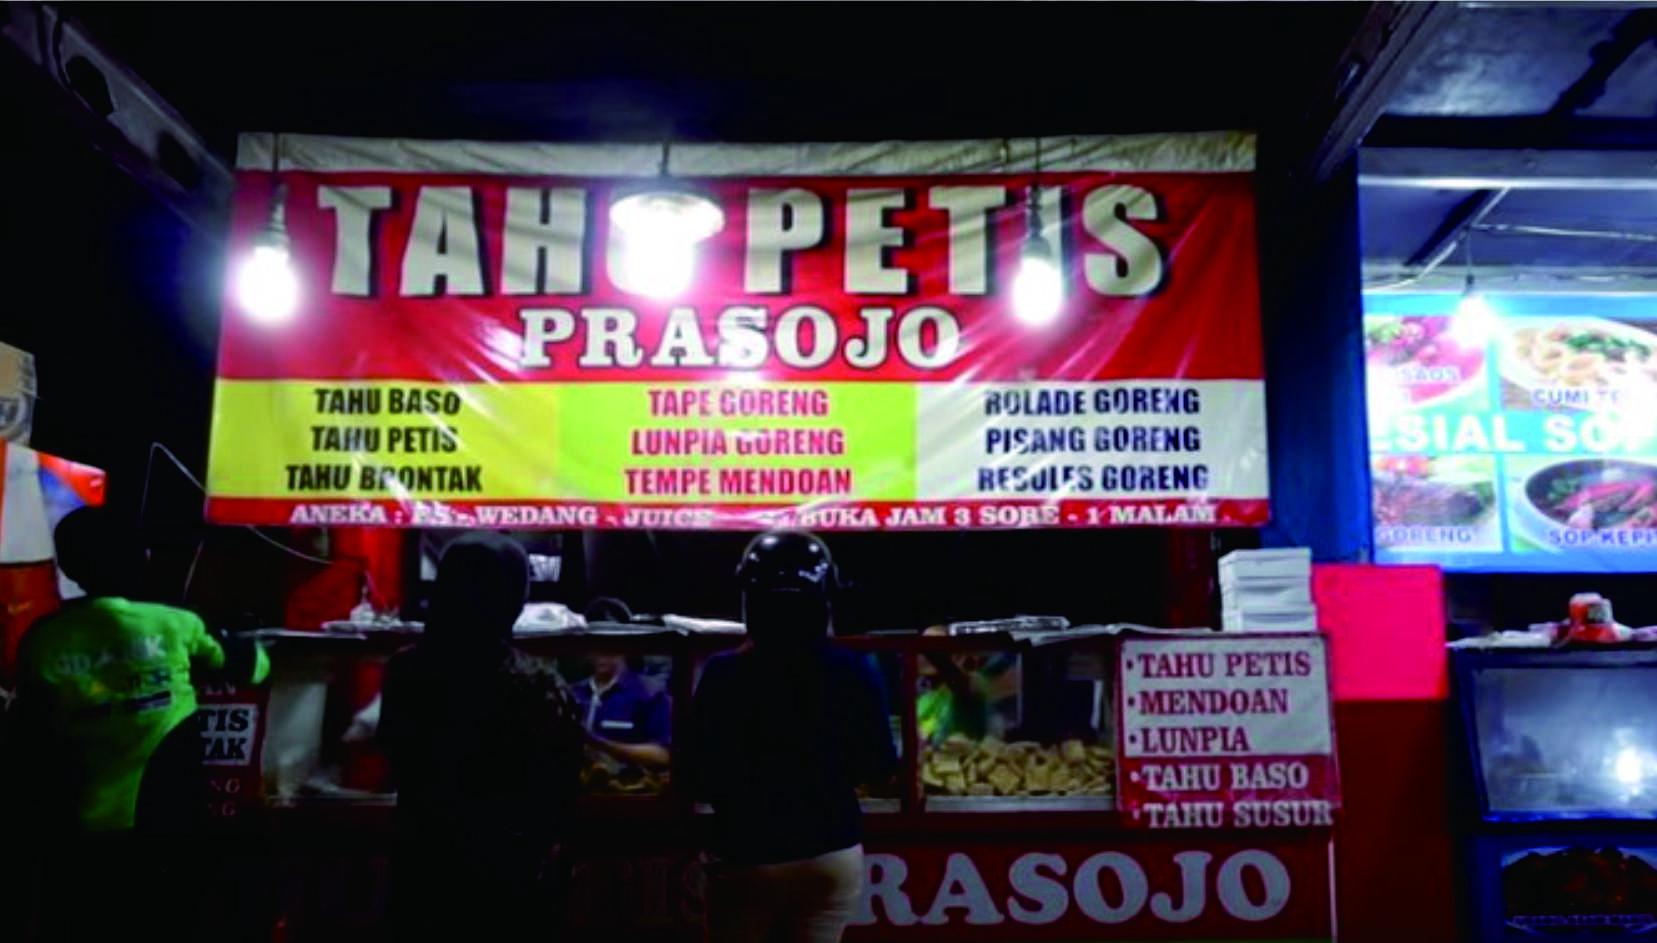 Tahu Petis Prasojo Simpang Lima, Jajanan Legendaris Khas Semarang